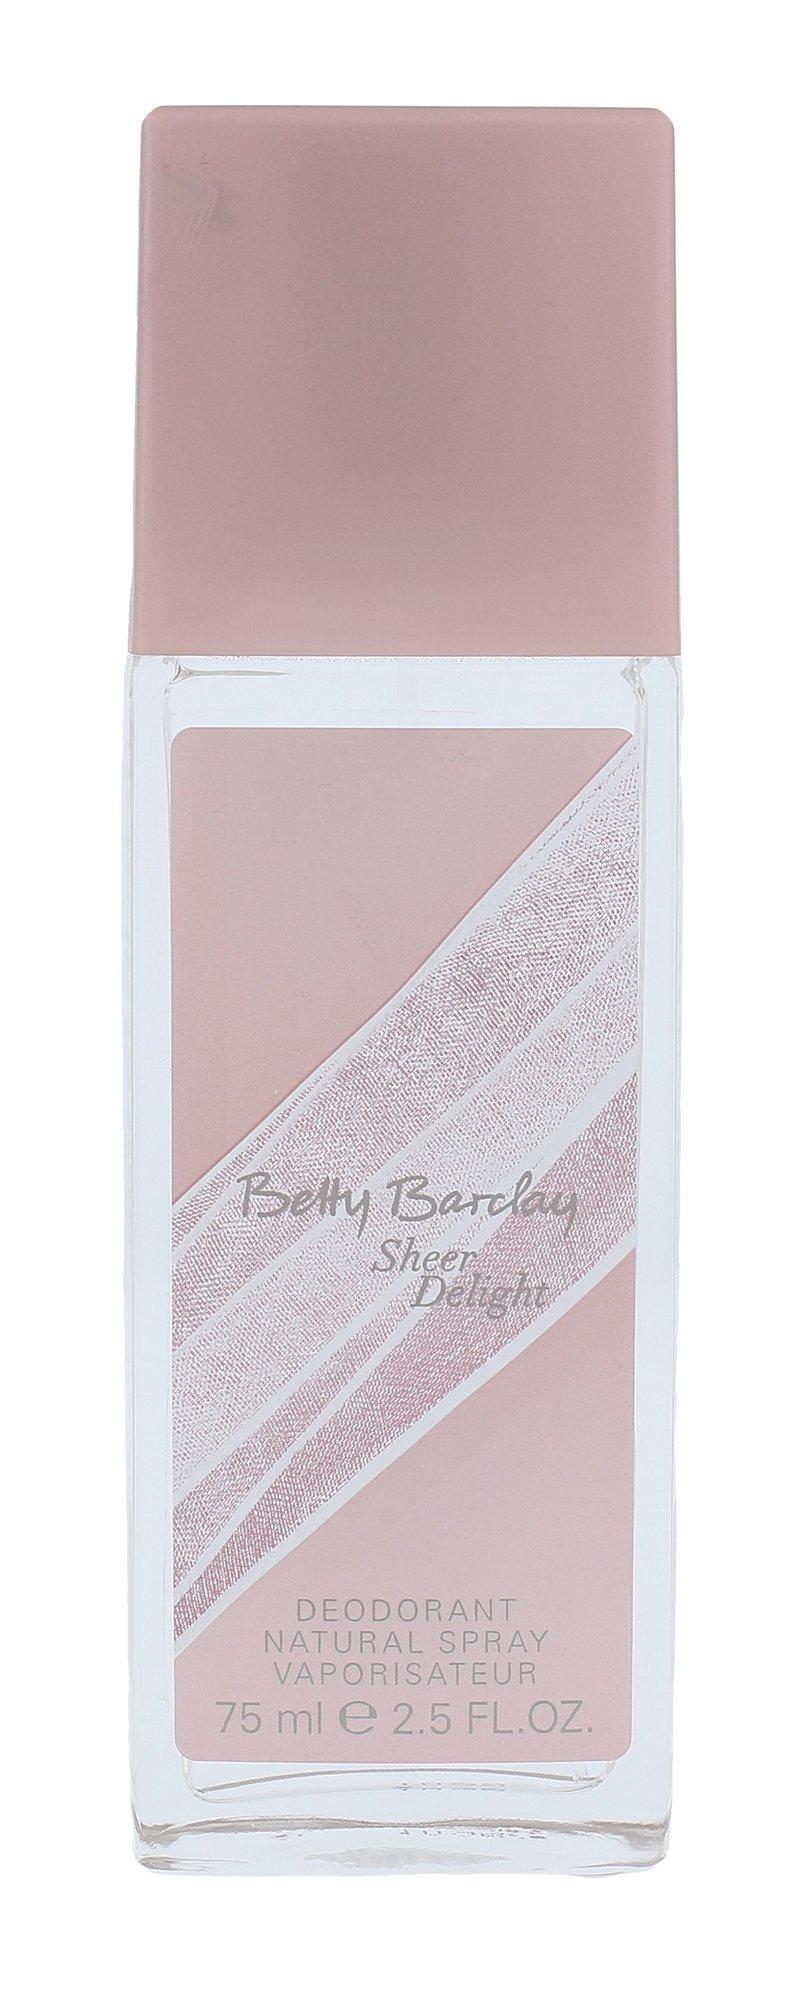 Betty Barclay Sheer Delight Deodorant 75ml